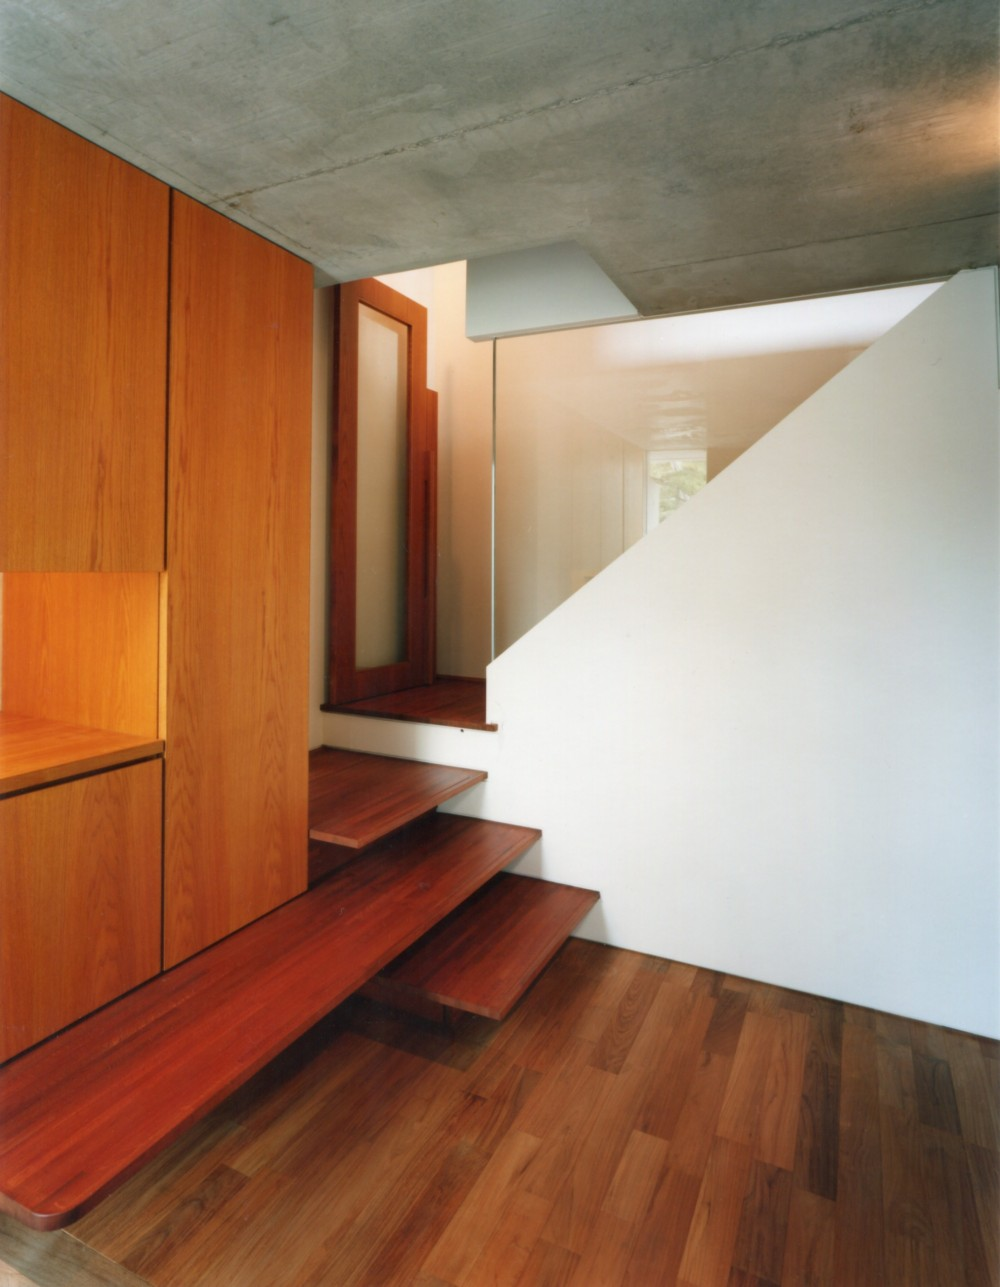 【自由が丘の家】  宙に浮いたテラスが特徴の住宅 (玄関・階段)